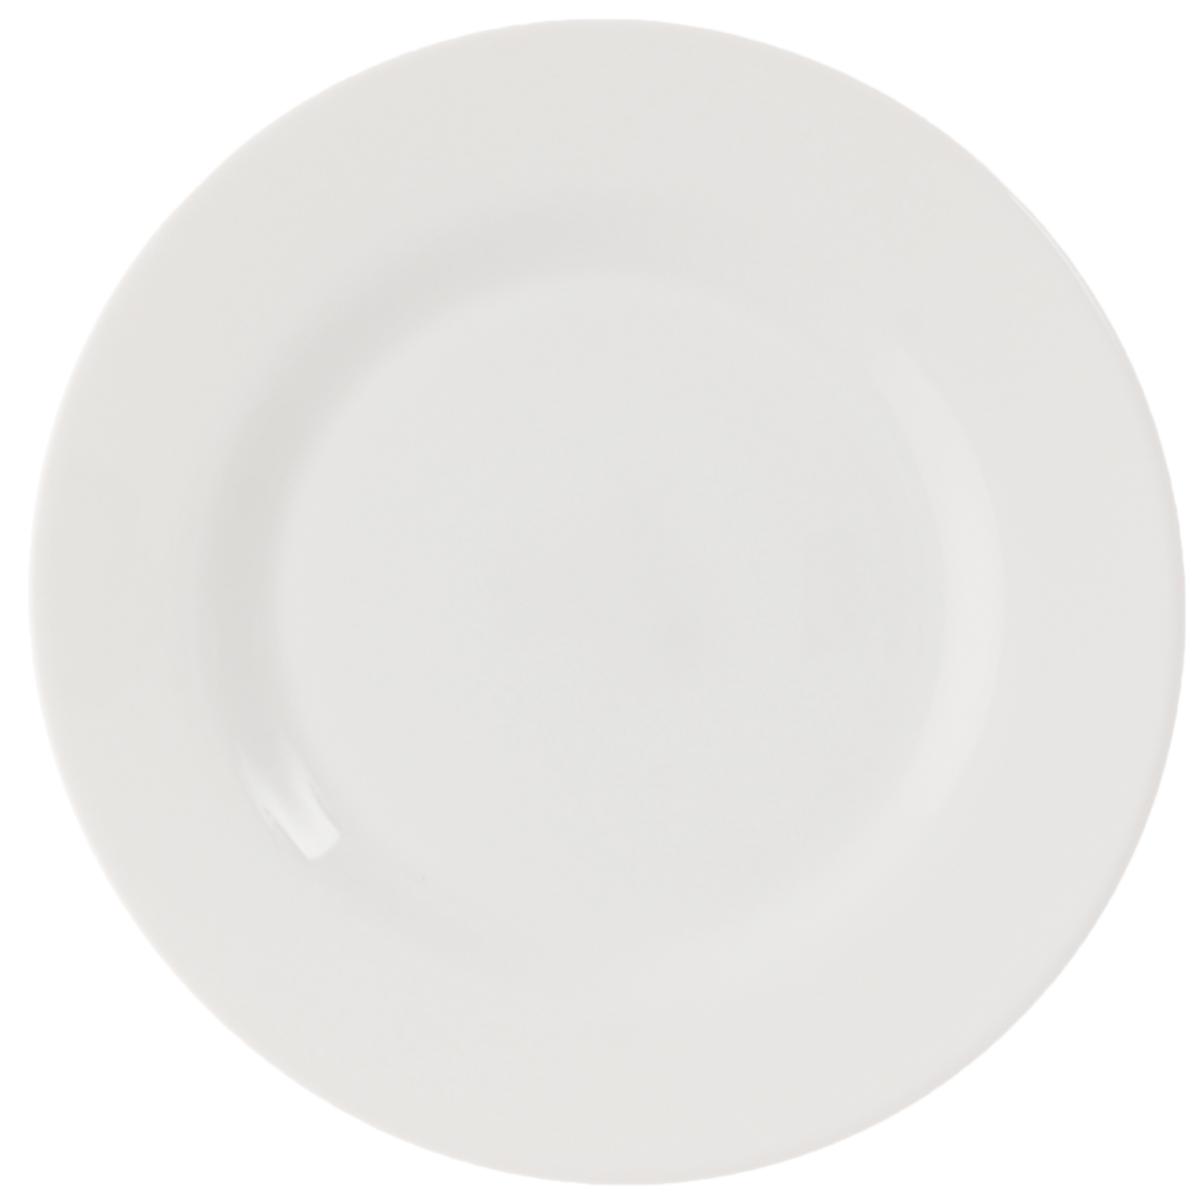 Тарелка десертная Luminarc Presidence Bone, диаметр 21 смG9605Десертная тарелка Luminarc Presidence Bone выполнена из высококачественного стекла. Изделие сочетает в себе изысканный дизайн с максимальной функциональностью. Она прекрасно впишется в интерьер вашей кухни и станет достойным дополнением к кухонному инвентарю. Десертная тарелка Luminarc Lotusia подчеркнет прекрасный вкус хозяйки и станет отличным подарком. Диаметр тарелки (по верхнему краю): 21 см. Высота стенки: 1,8 см.